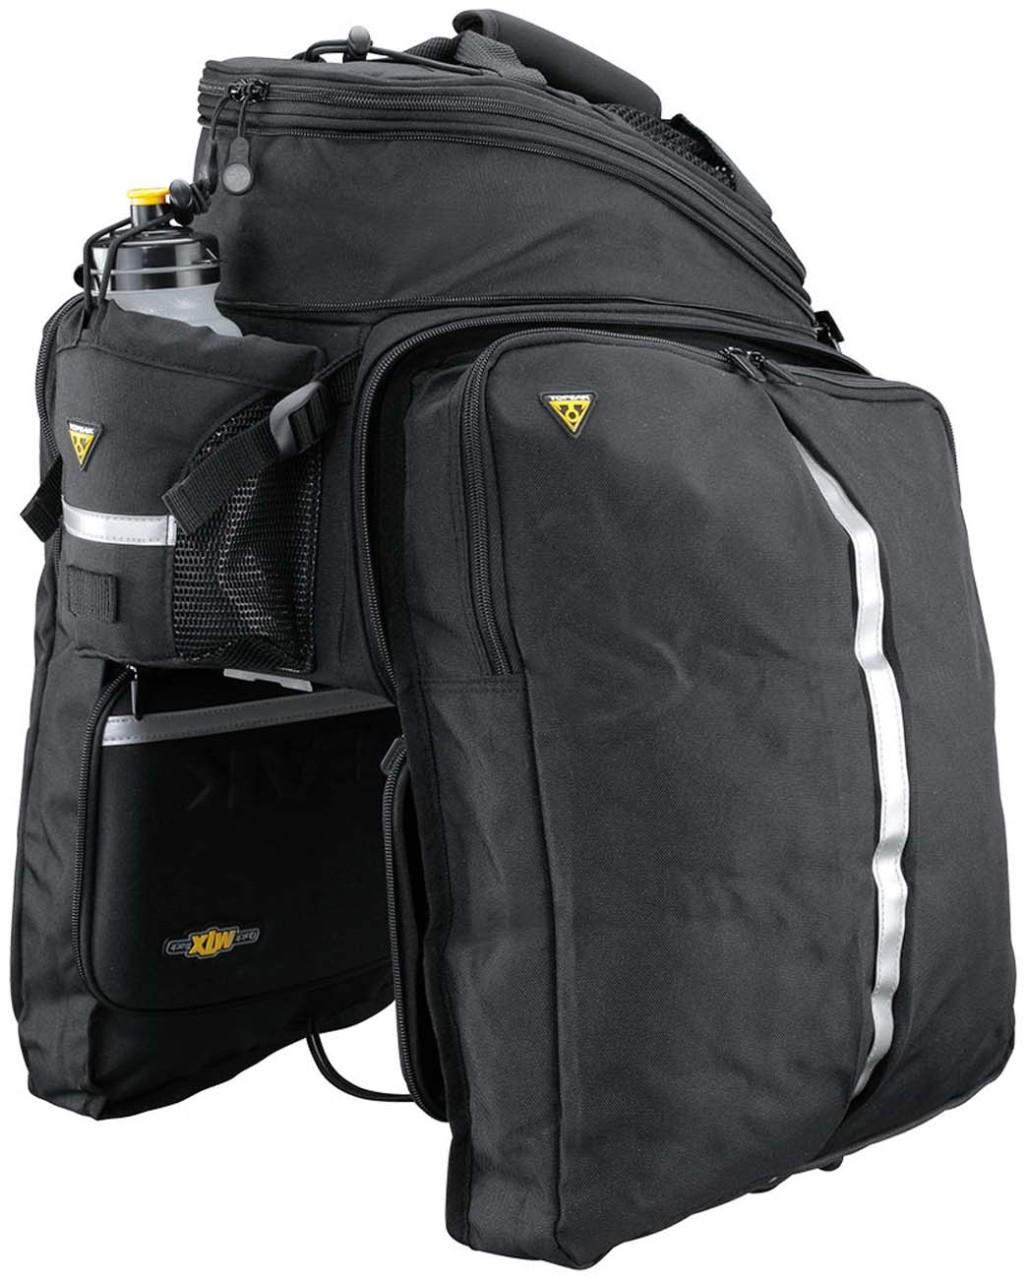 Topeak Gepäckträgertasche MTX Trunk Bag Tour DX schwarz